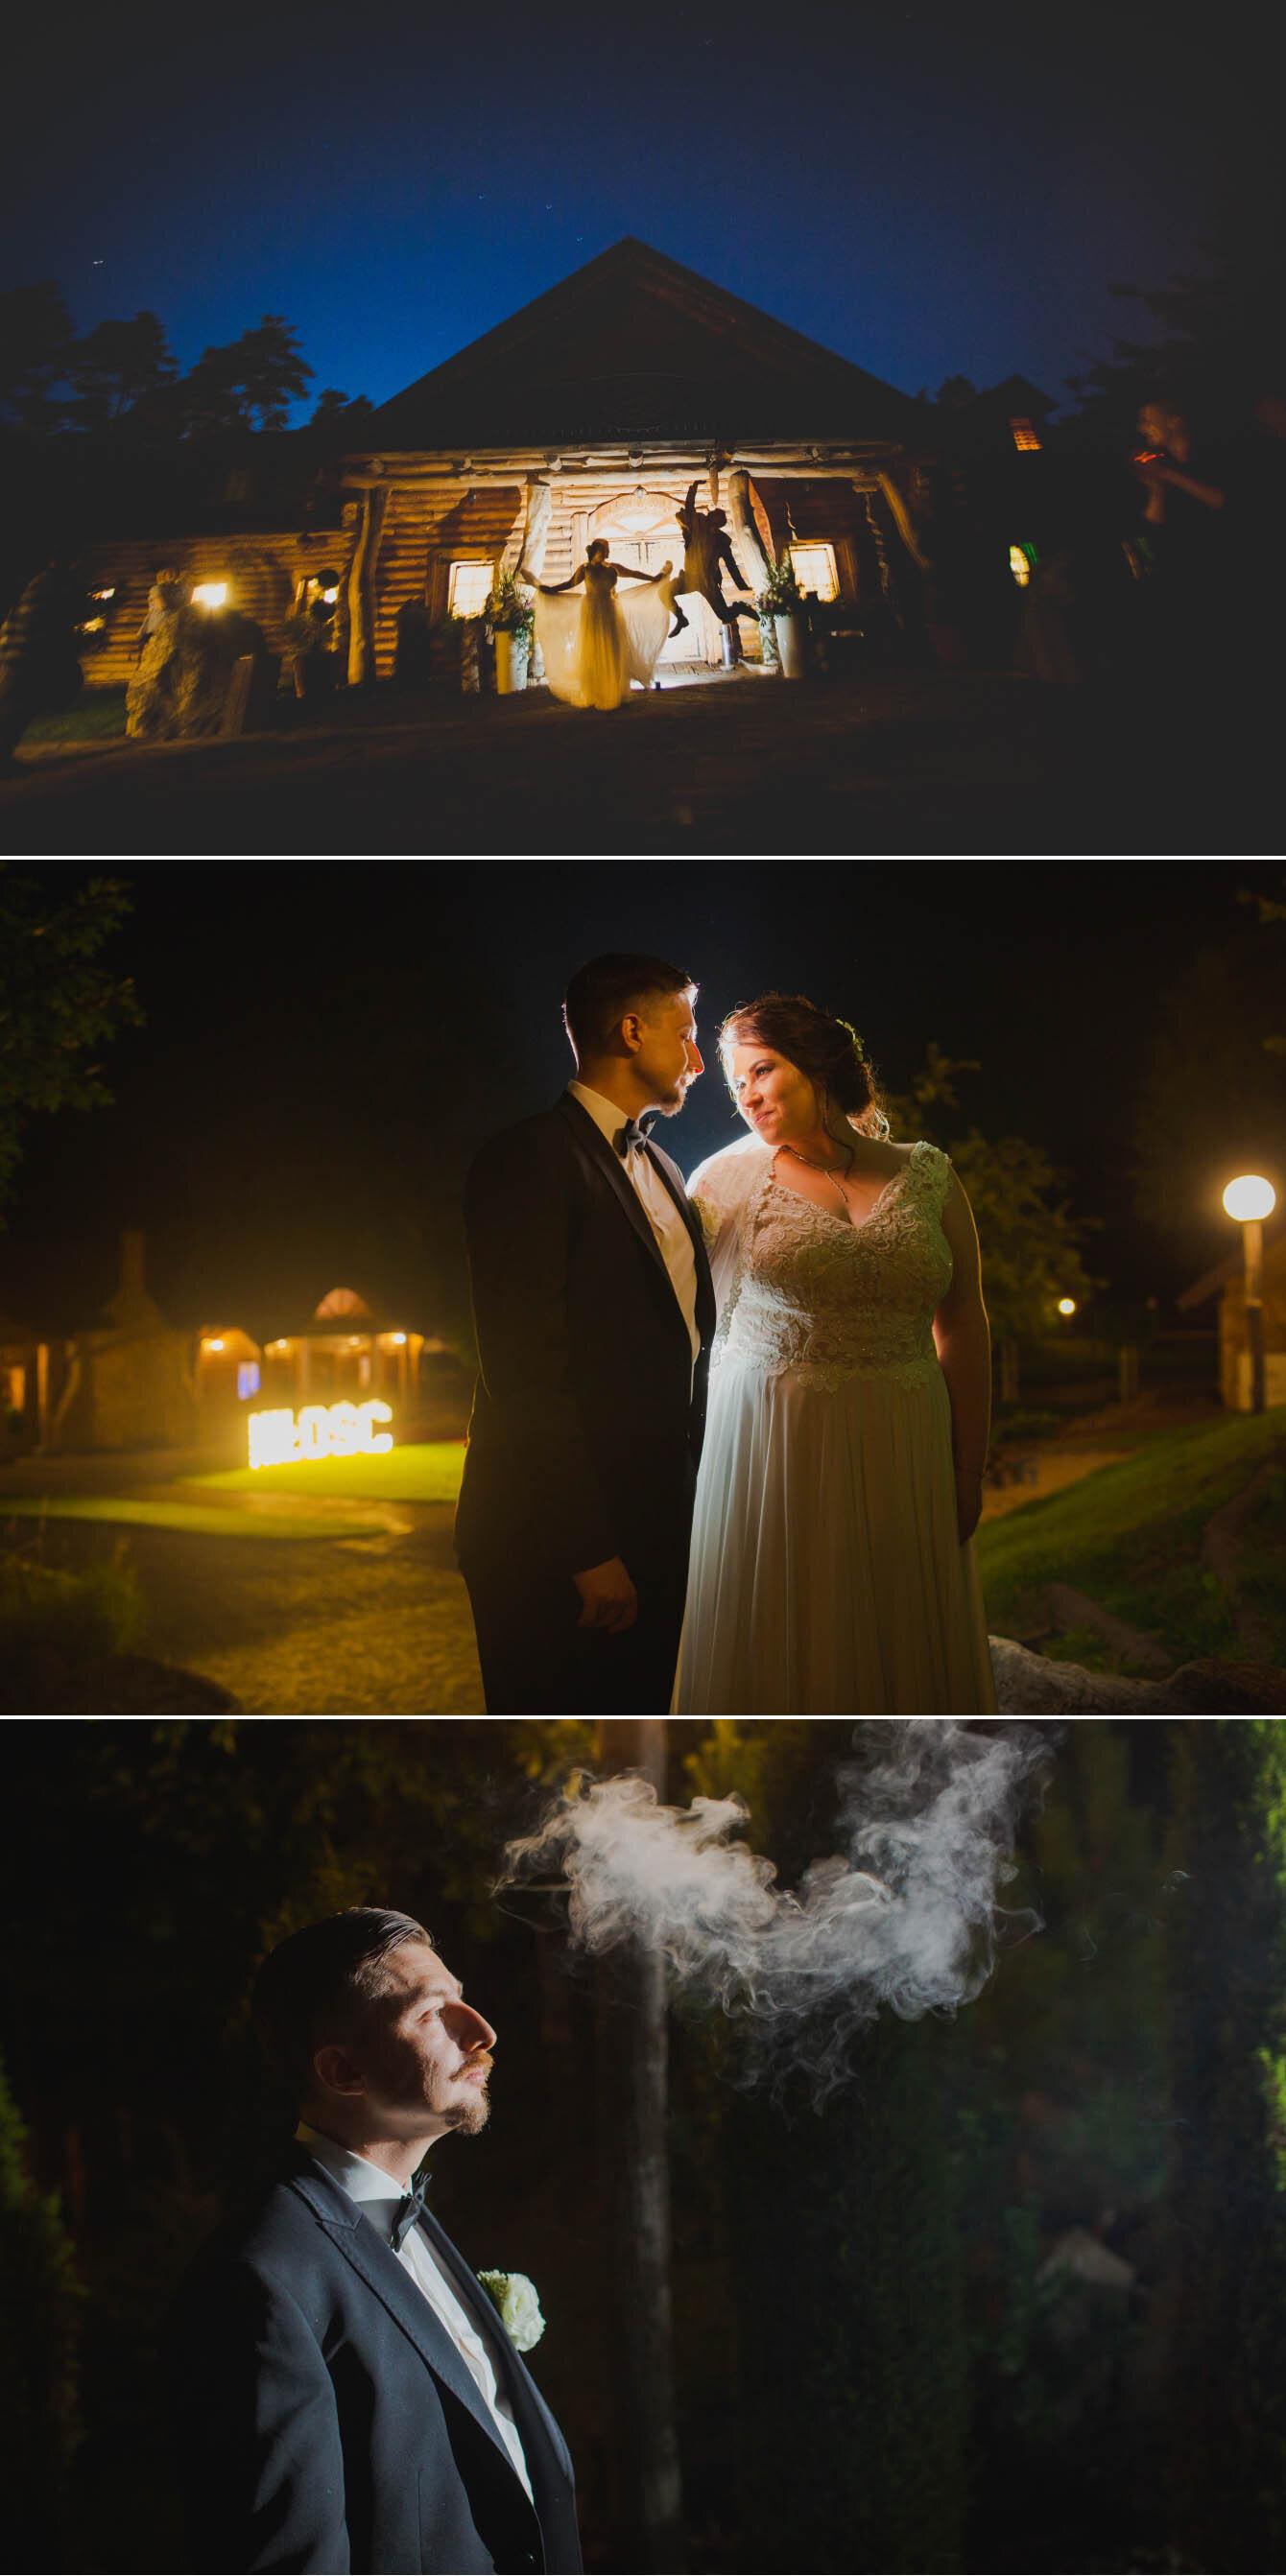 Fotografie ślubne Marka i Angeliki w domu weselnym pod Grzybkiem fotograf Bartek Wyrobek  35.jpg